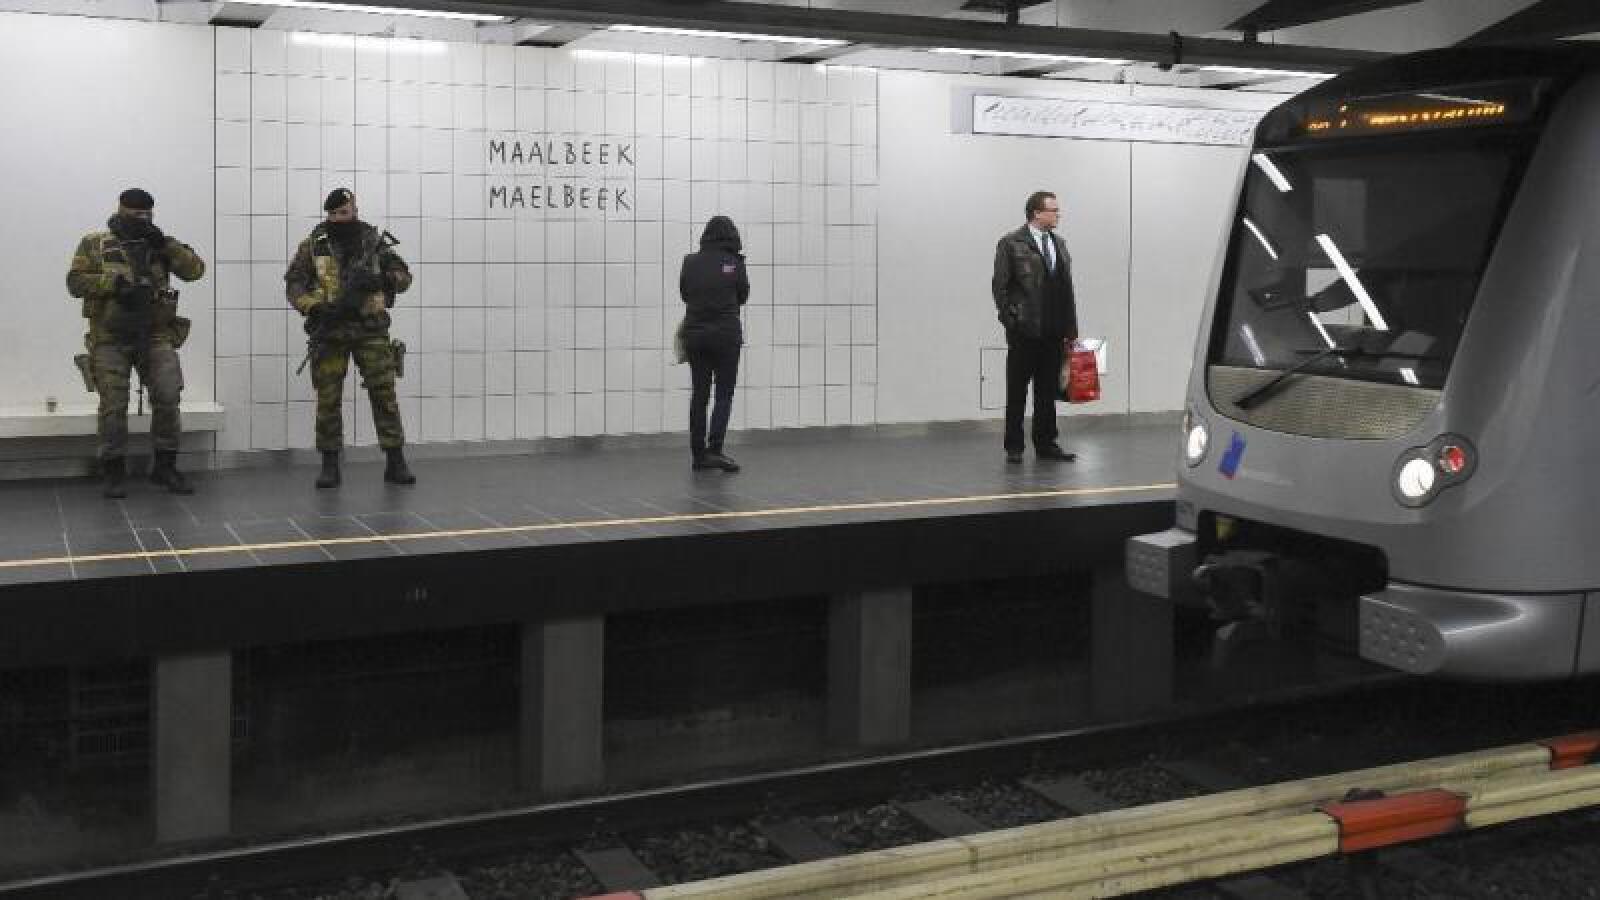 La estación de metro de Maelbeek en Bruselas, que fue atacada el mes pasado, reabrió bajo un fuerte operativo de seguridad.